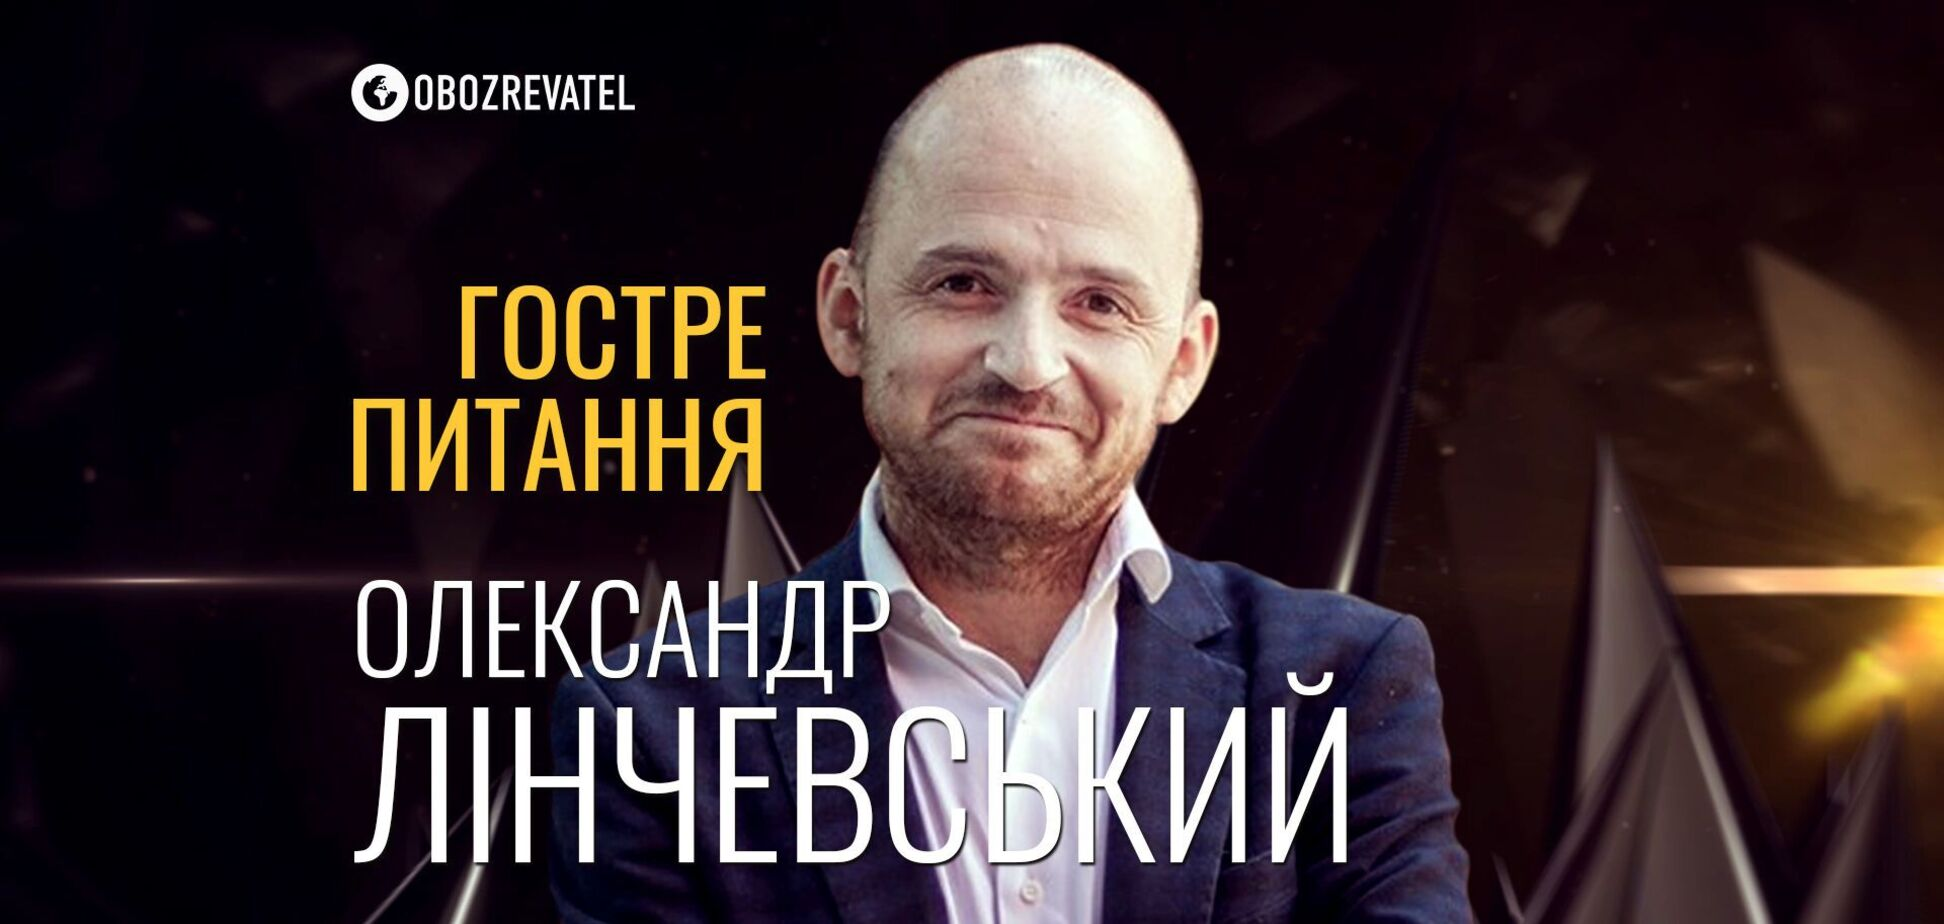 Олександр Лінчевський | Гостре питання